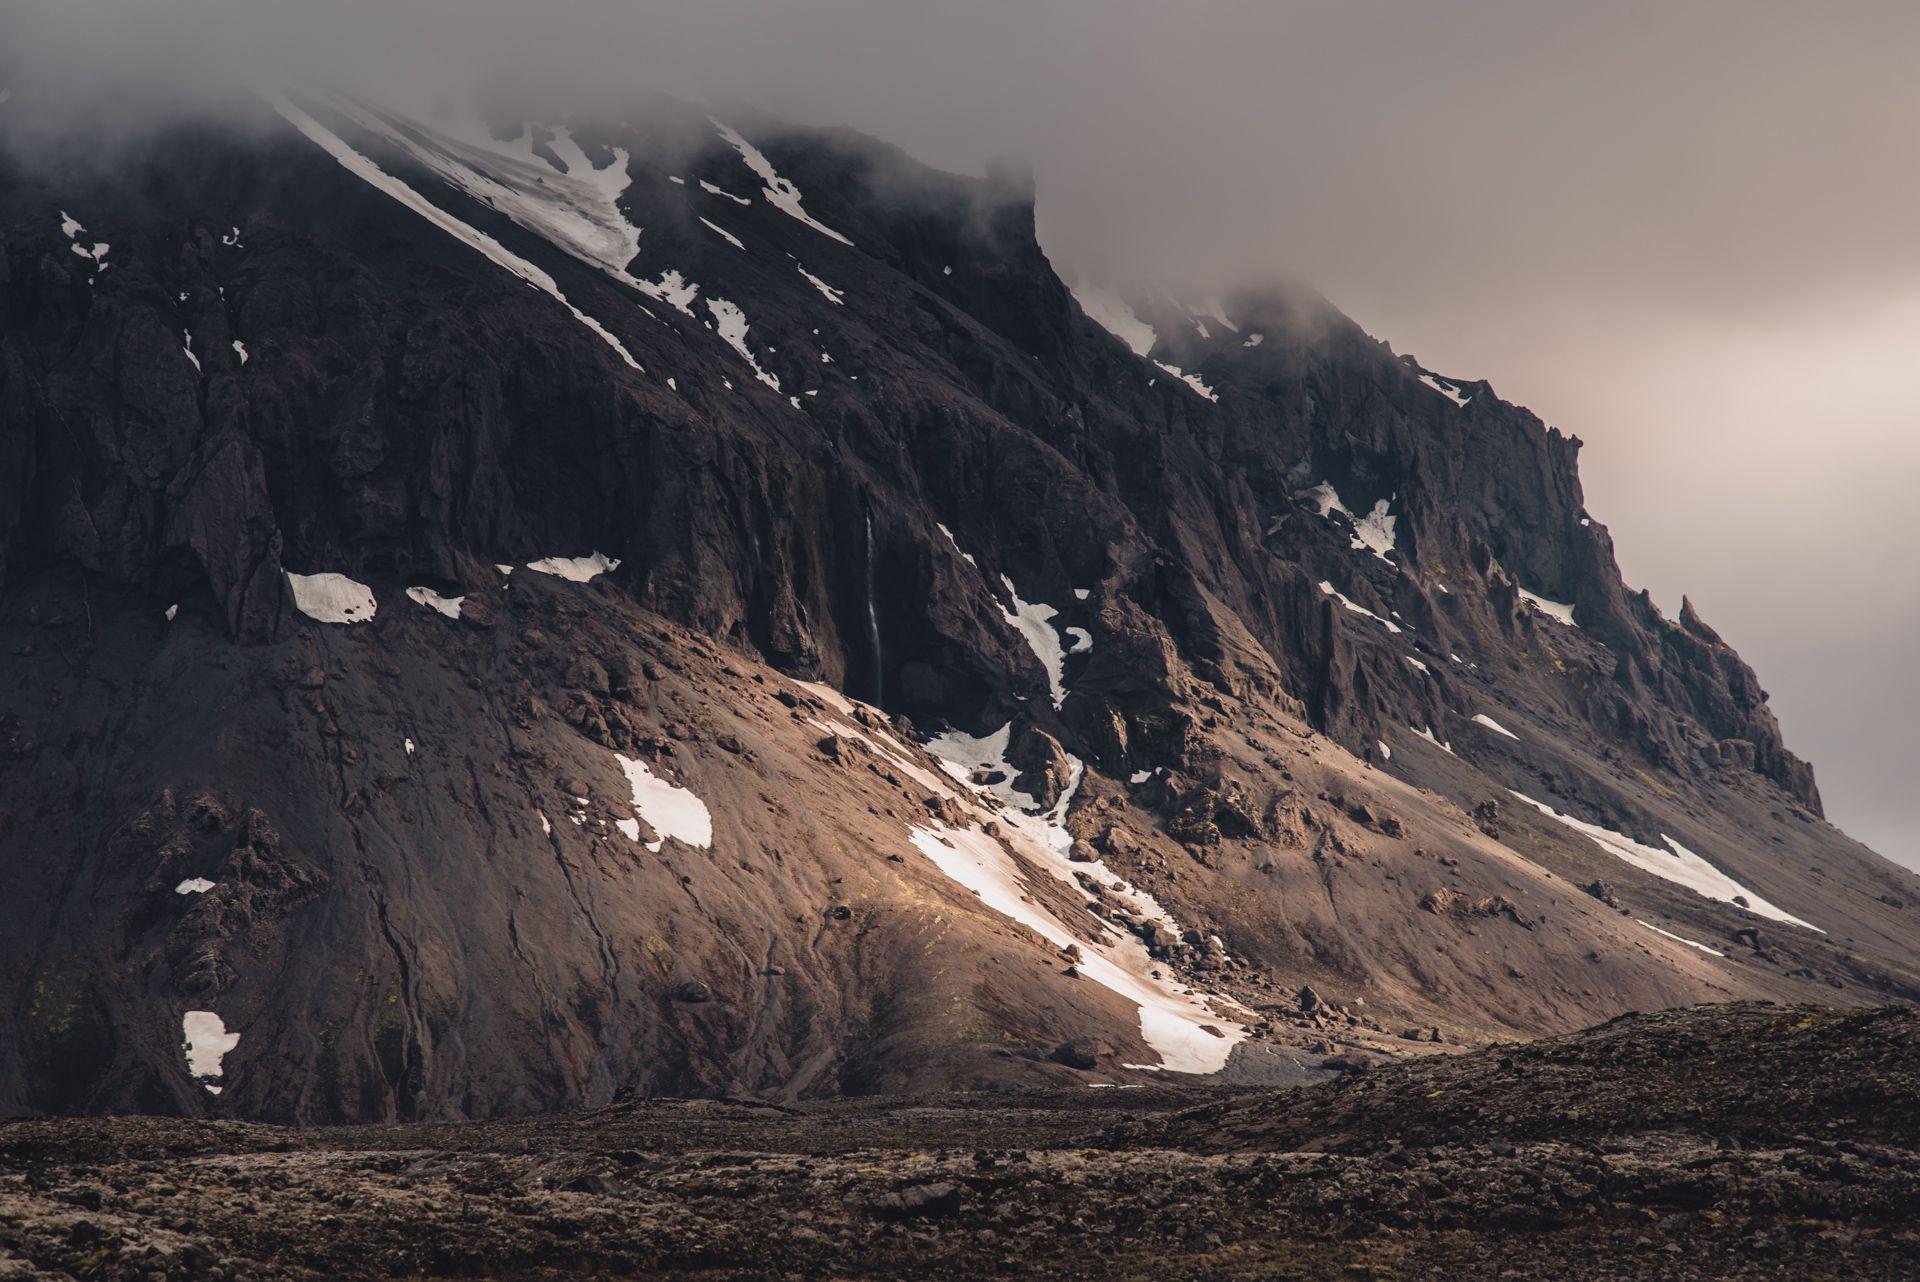 Moody Landscapes Lightroom Presets For Desktop Mobile Dng Travel Images Landscape Landscape Photography